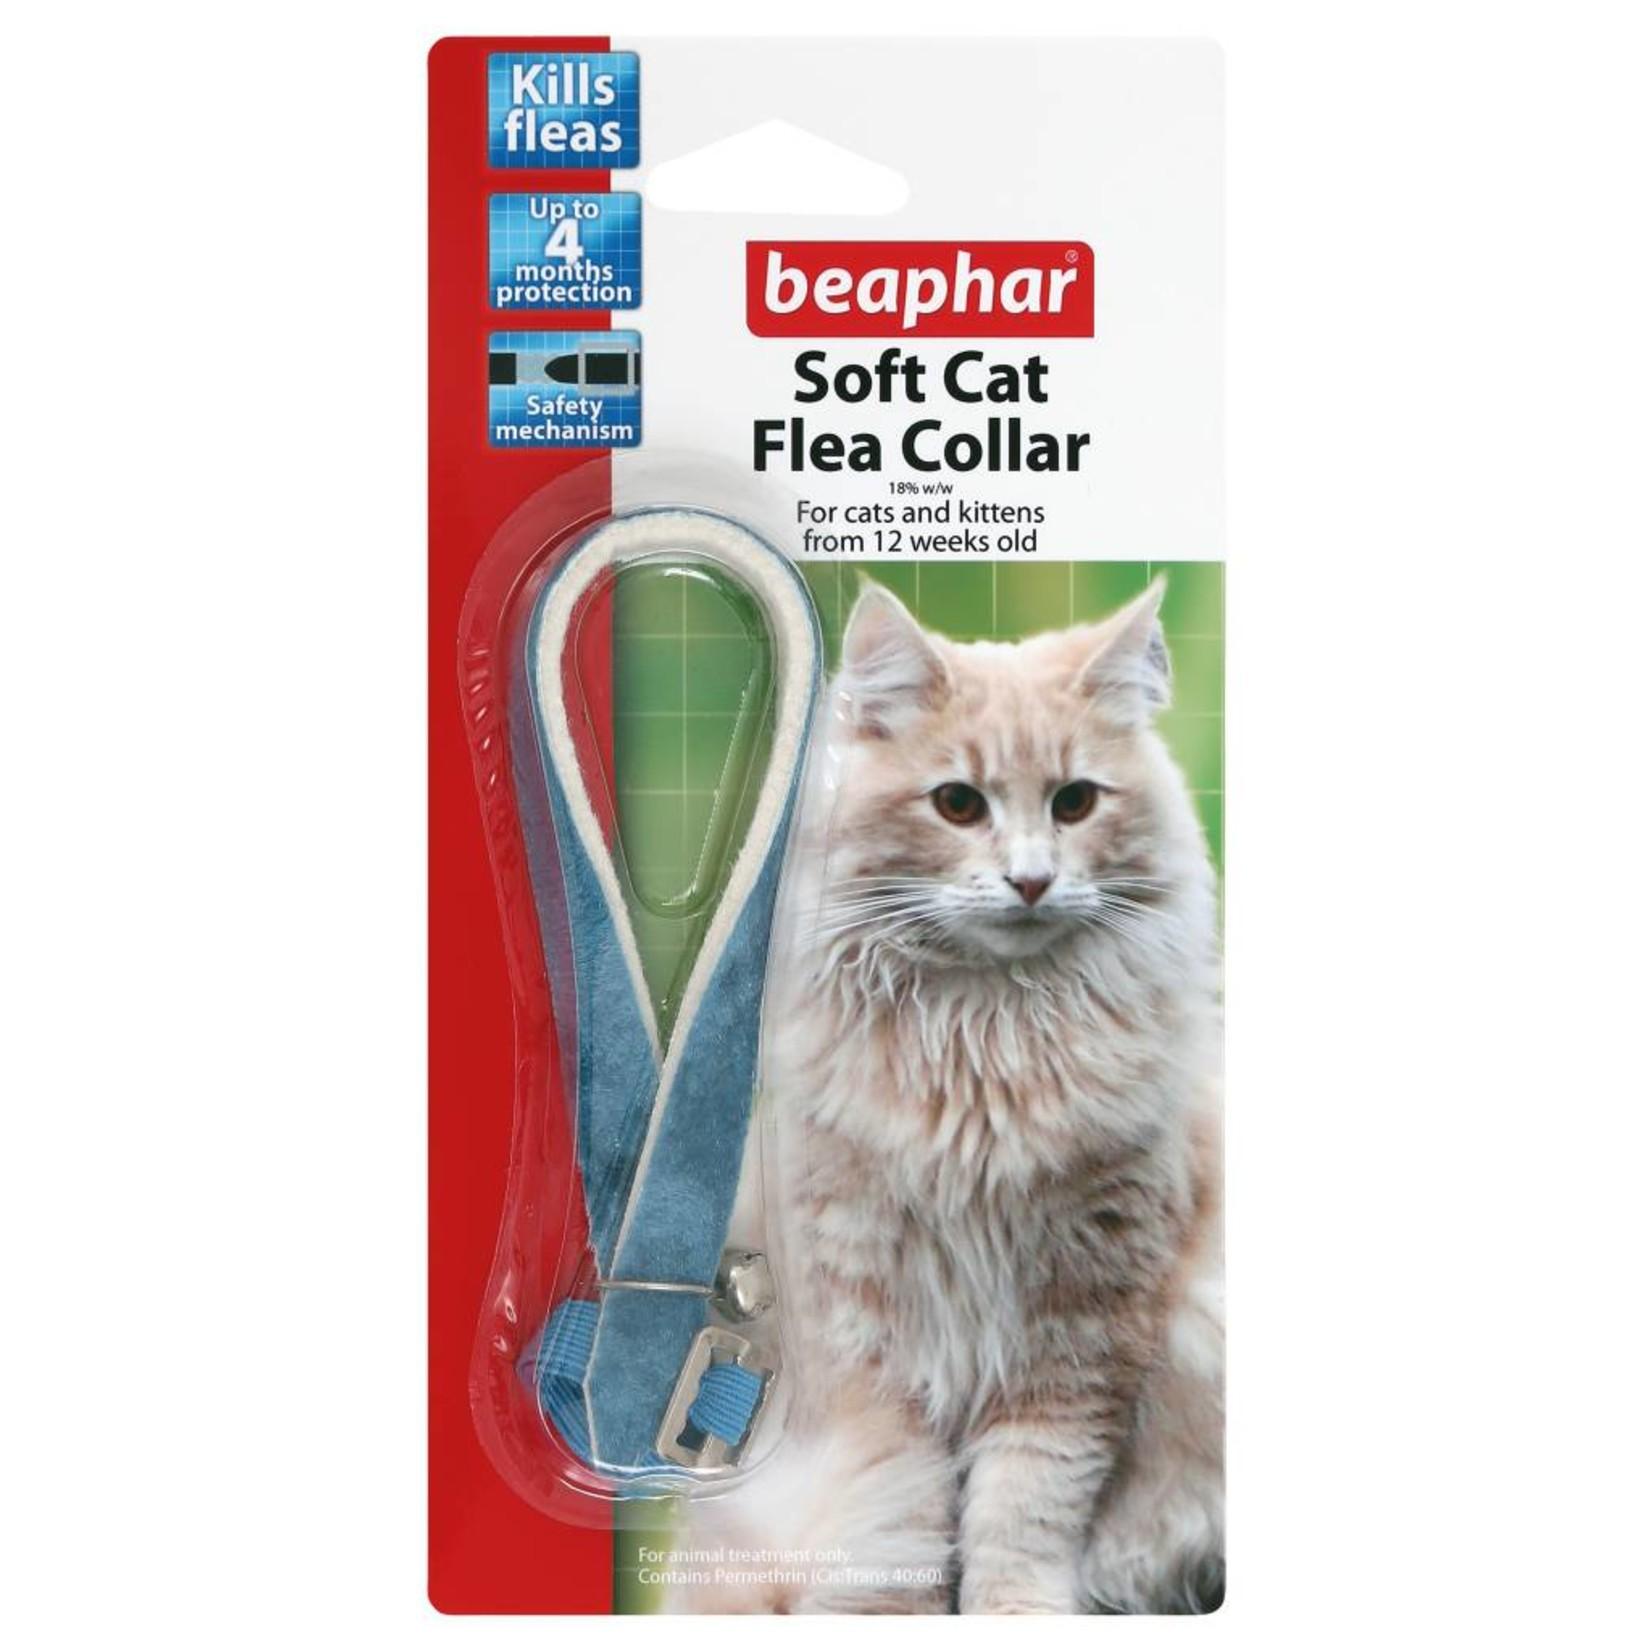 Beaphar Soft Velvet Cat Flea Collar in Assorted Colours, 30cm